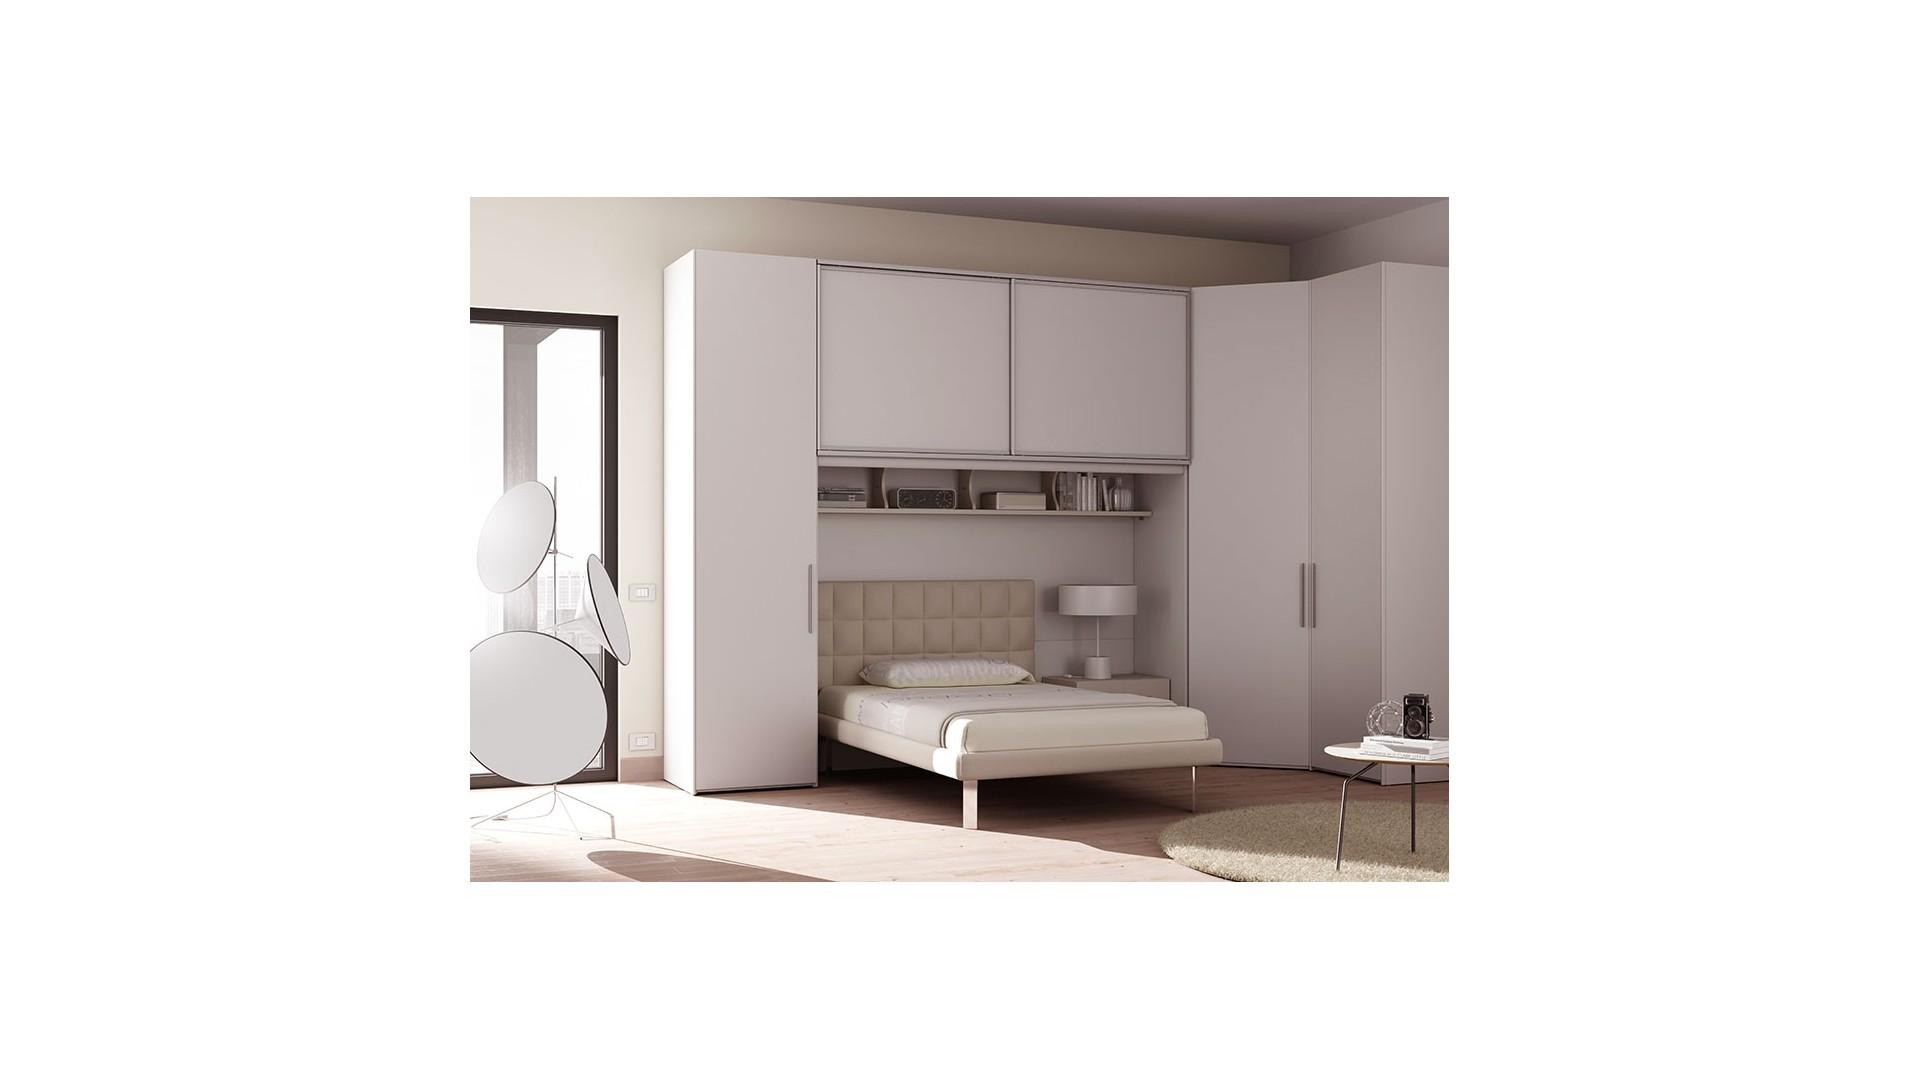 chambre ado lit 1 personne personnalisable am21 lit chevet rangement pont armoires moretti compact